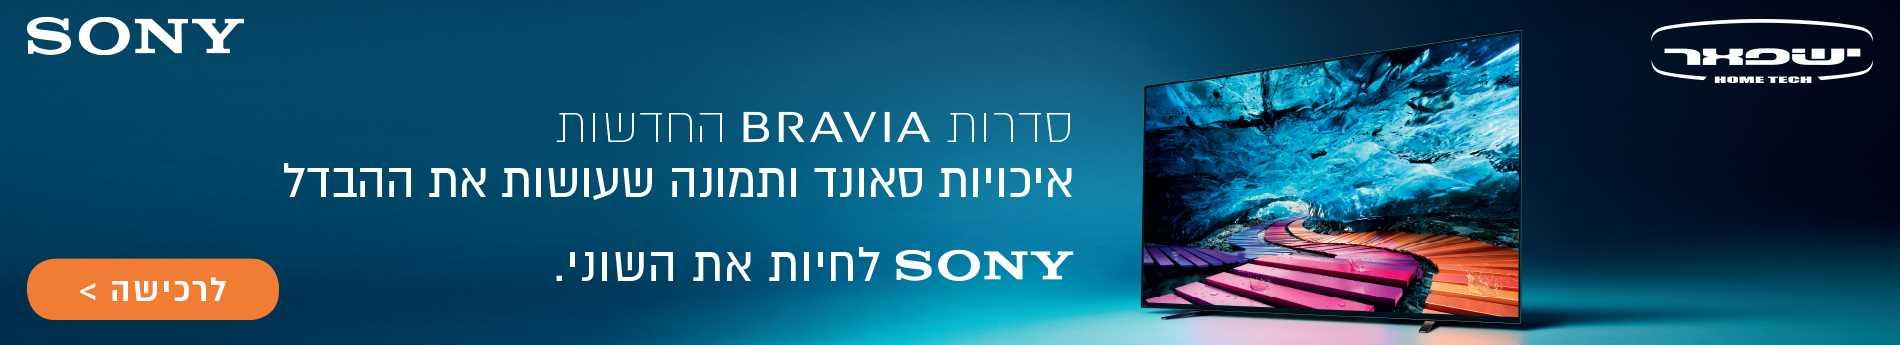 סדרות BRAVIA החדשות SONY